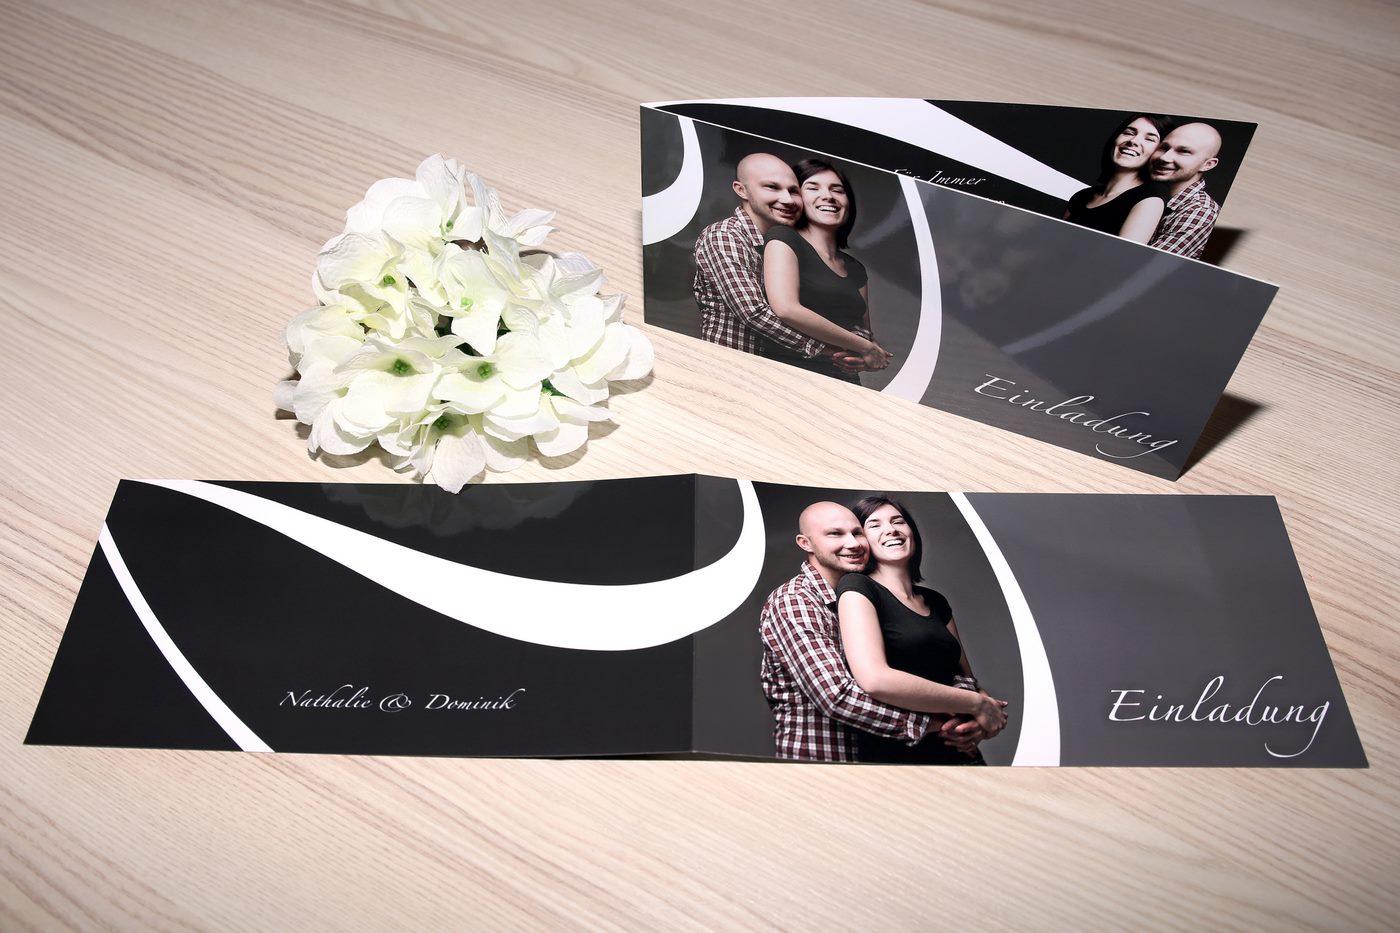 Klappkarte als Einladungskarte zur Hochzeit